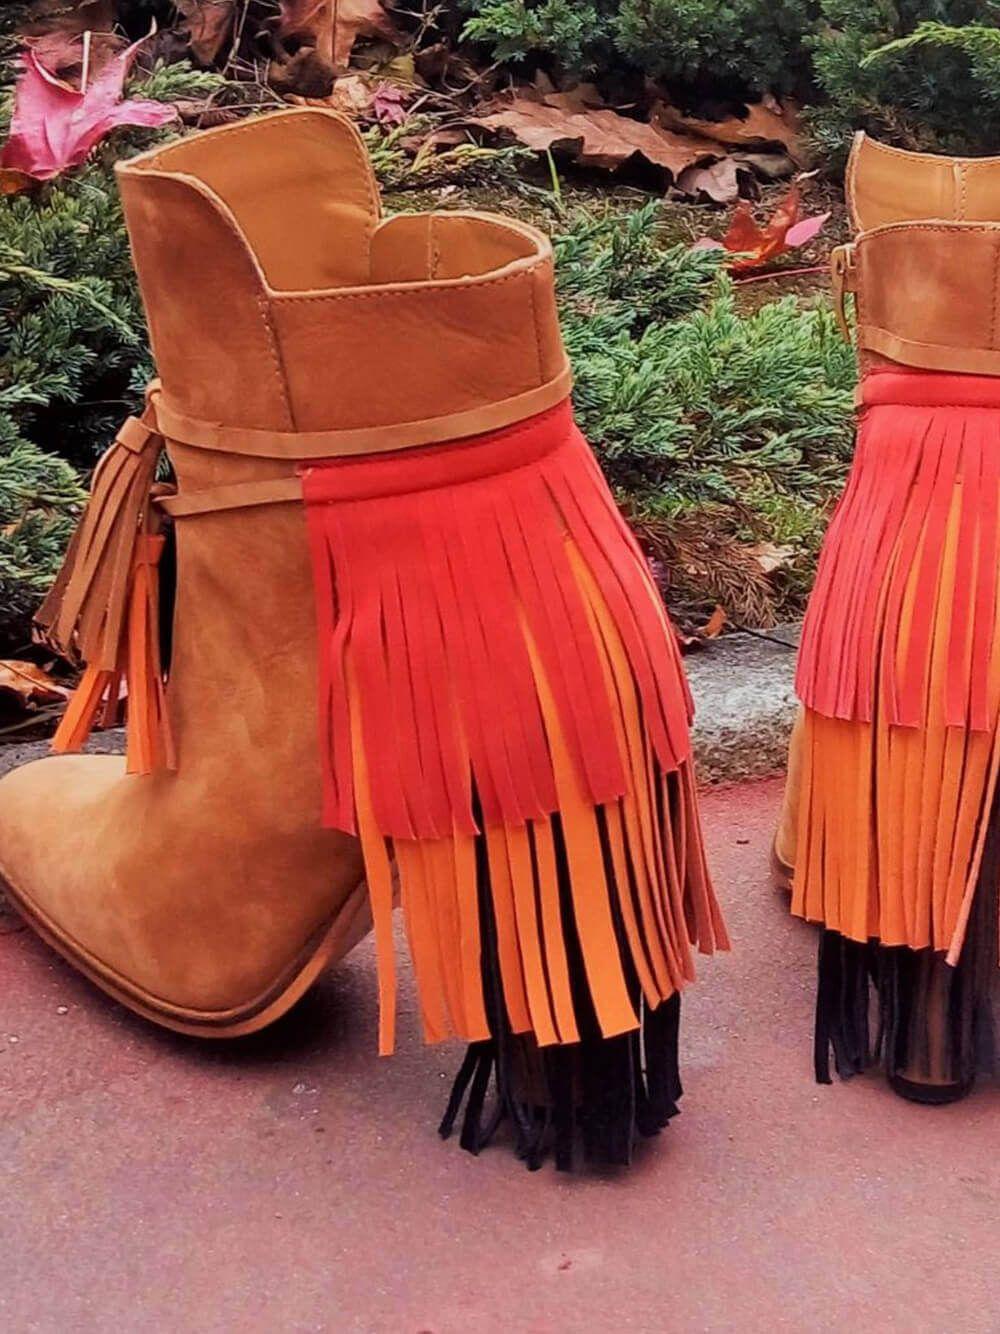 Brown Boots Lazarim | Entrudo